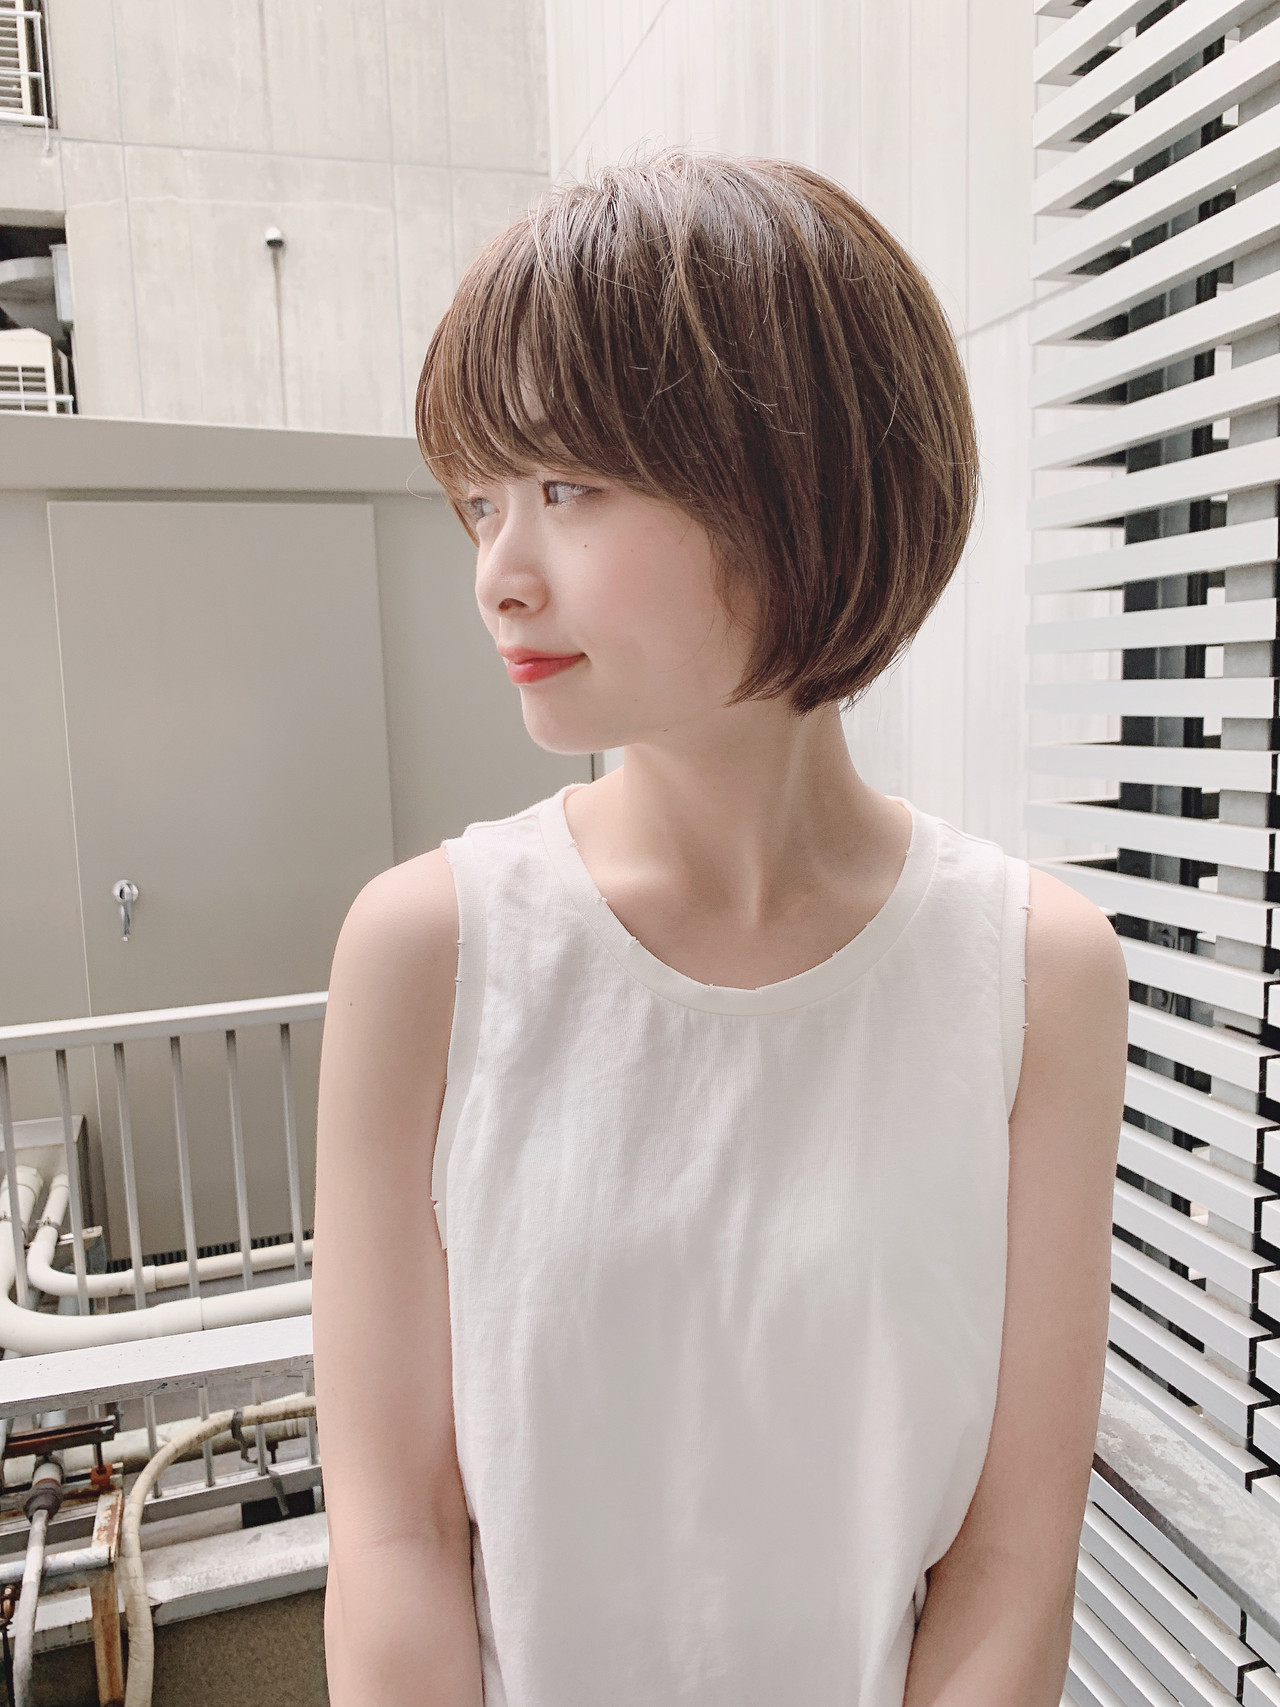 デート ナチュラル ショート オフィス ヘアスタイルや髪型の写真・画像 | 阿比留 奨太 【sand】 / sand omotesando